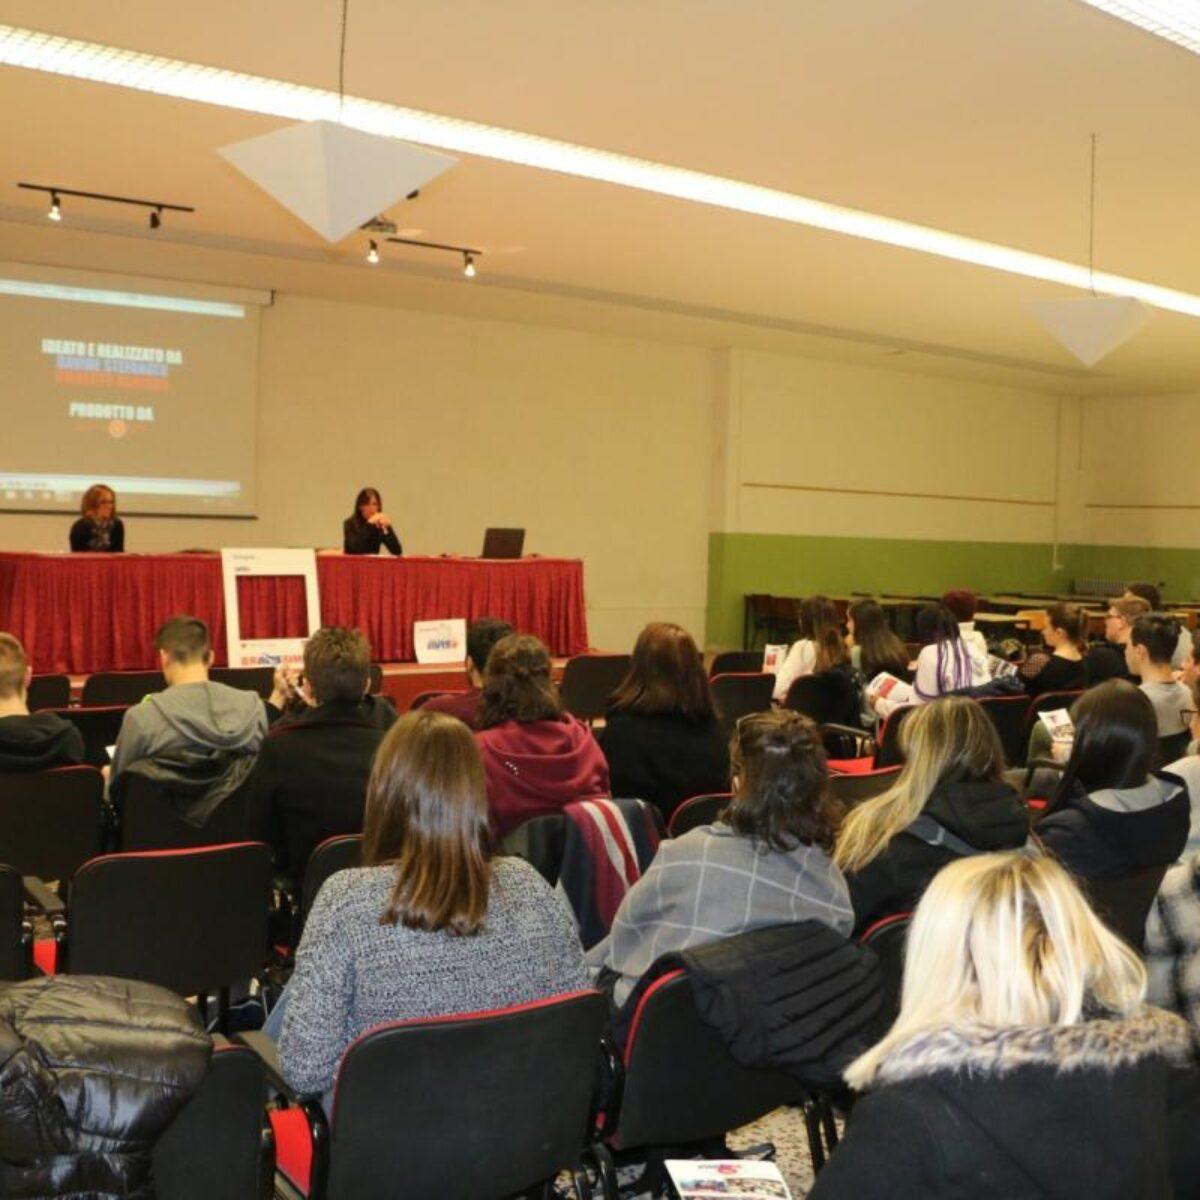 AVIS Comunale Verbania_Primo incontro nelle scuole superiori della città_Avis Verbania_fonte Ferrini-Franzosini (3)